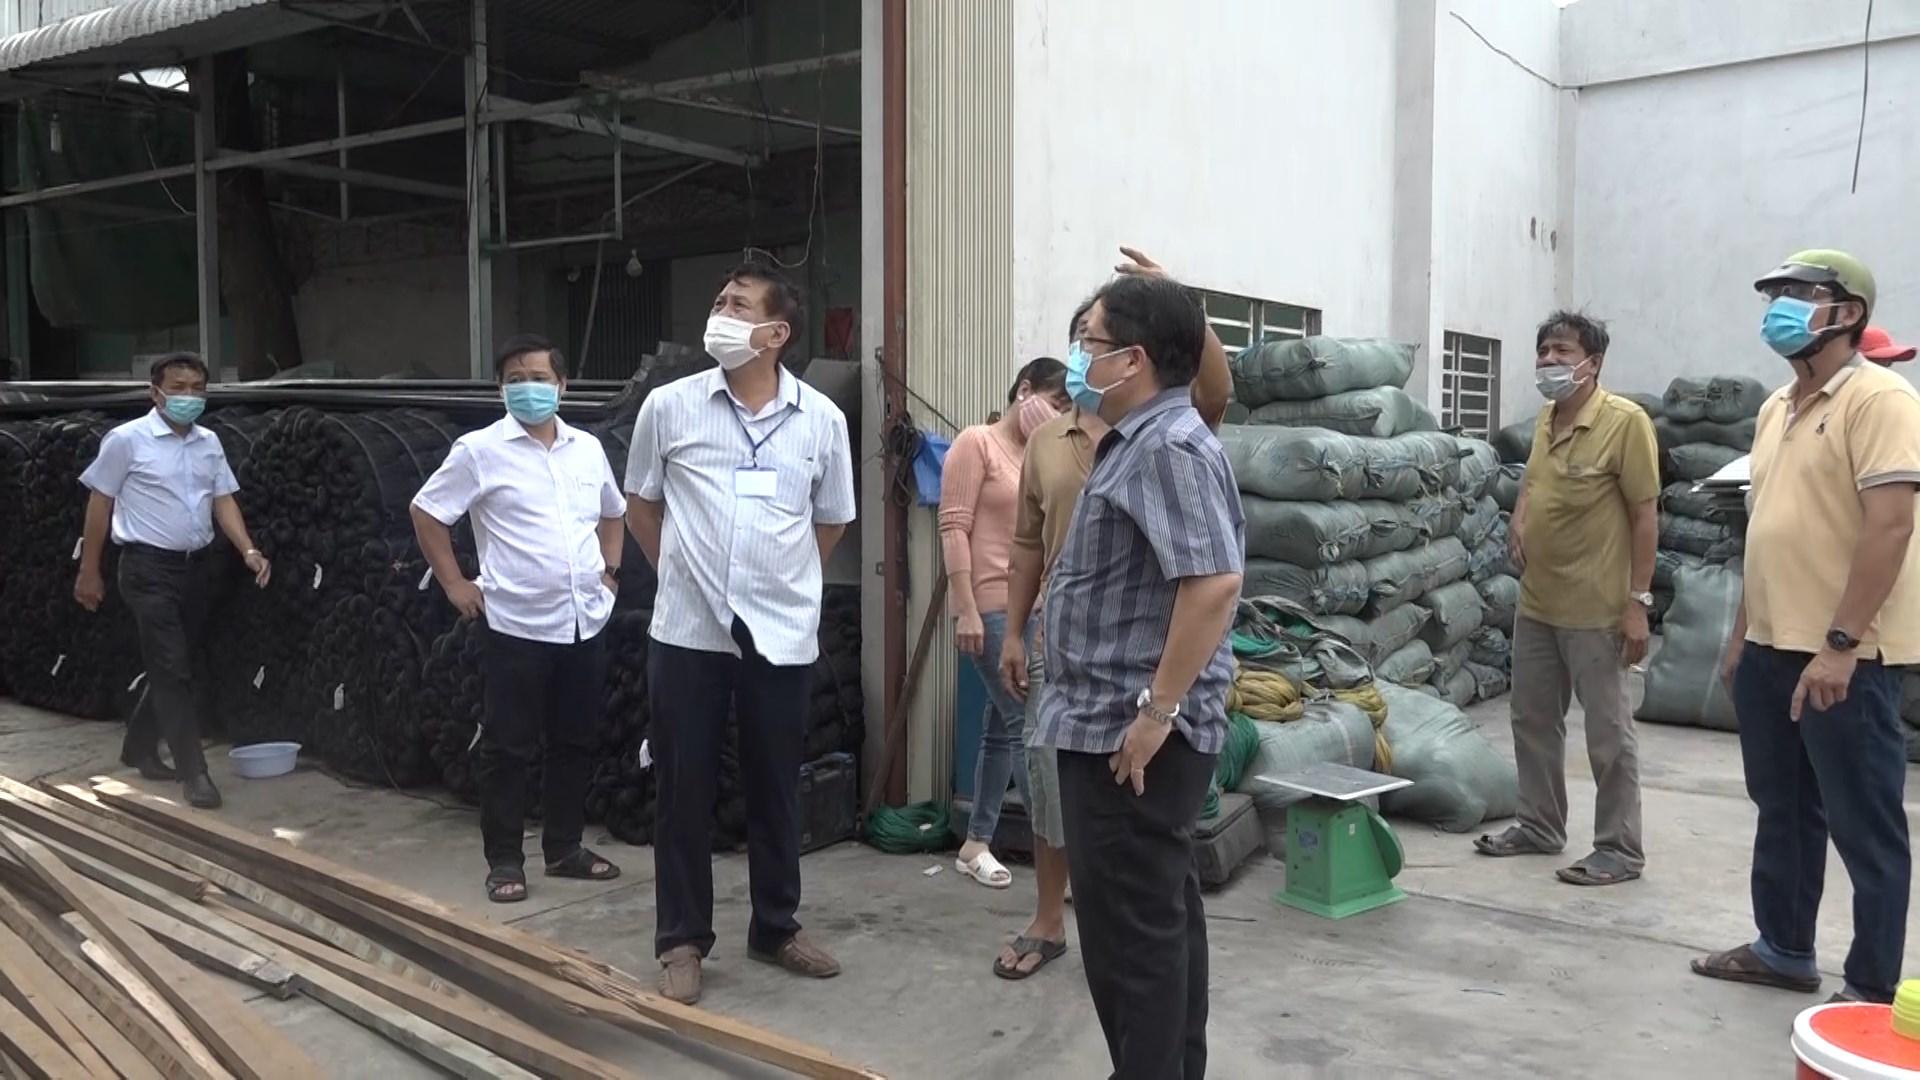 UBND huyện Chợ Mới thăm hỏi các gia đình bị thiệt hại do dông lốc